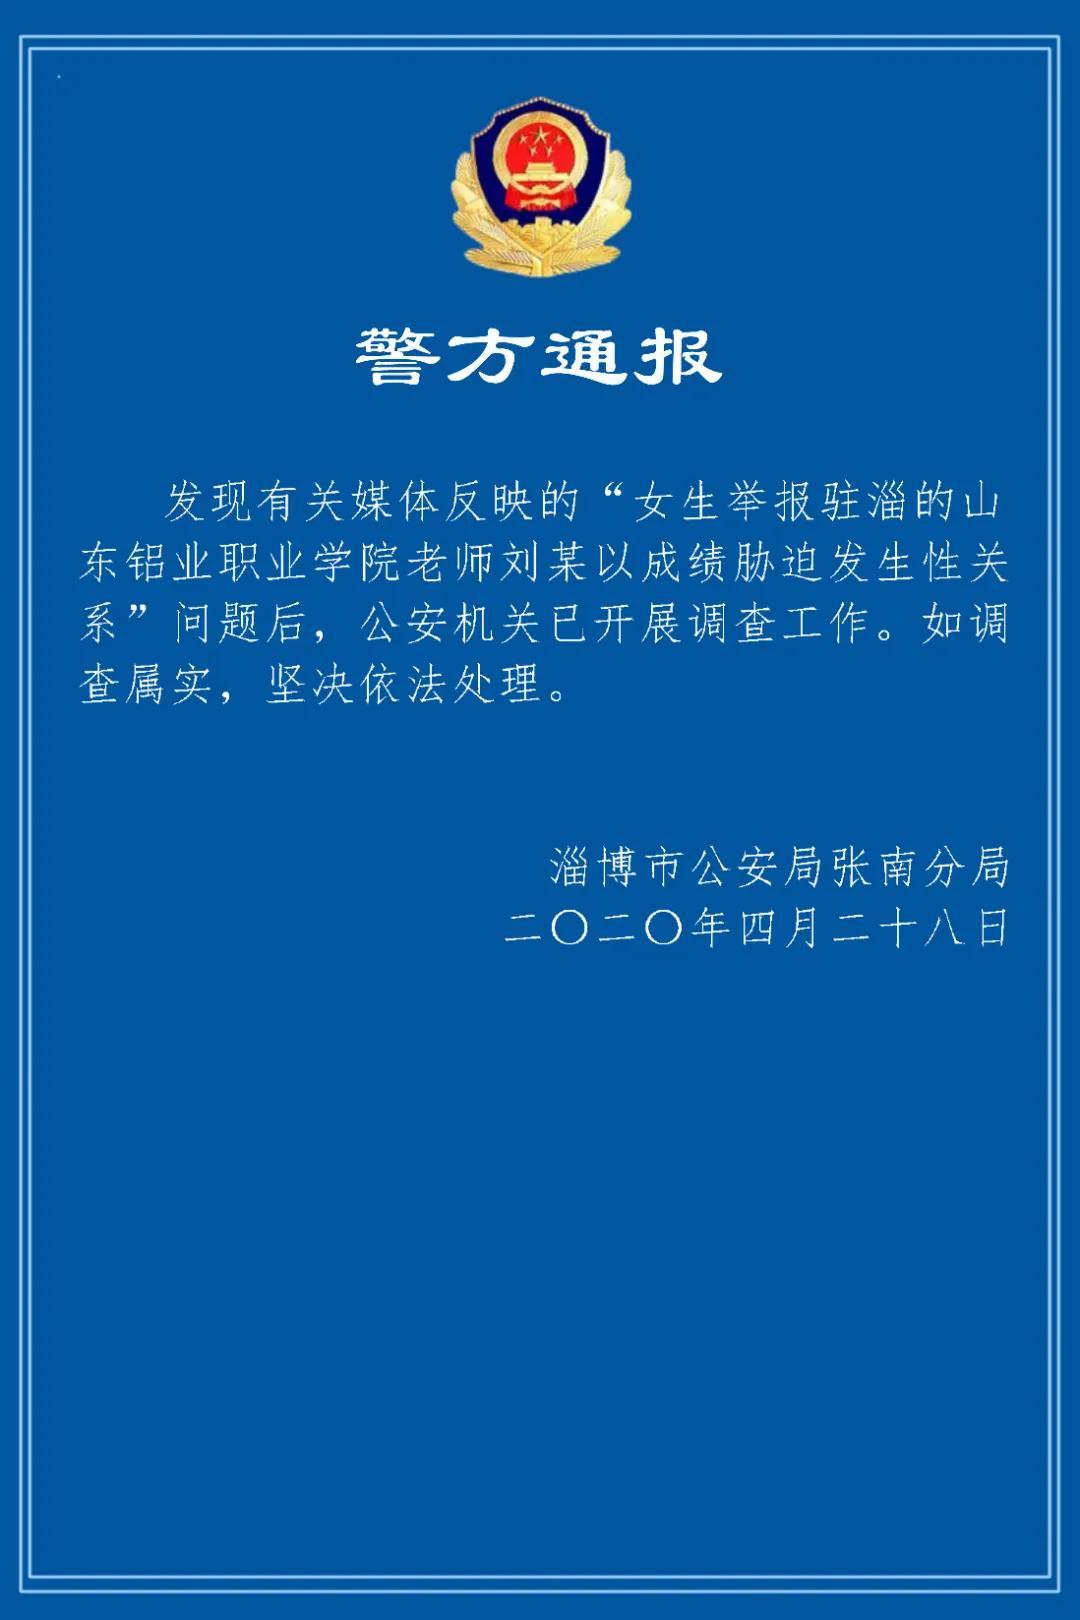 来源:山东铝业职业学院官网、淄博市公安局张南分局微信公众号